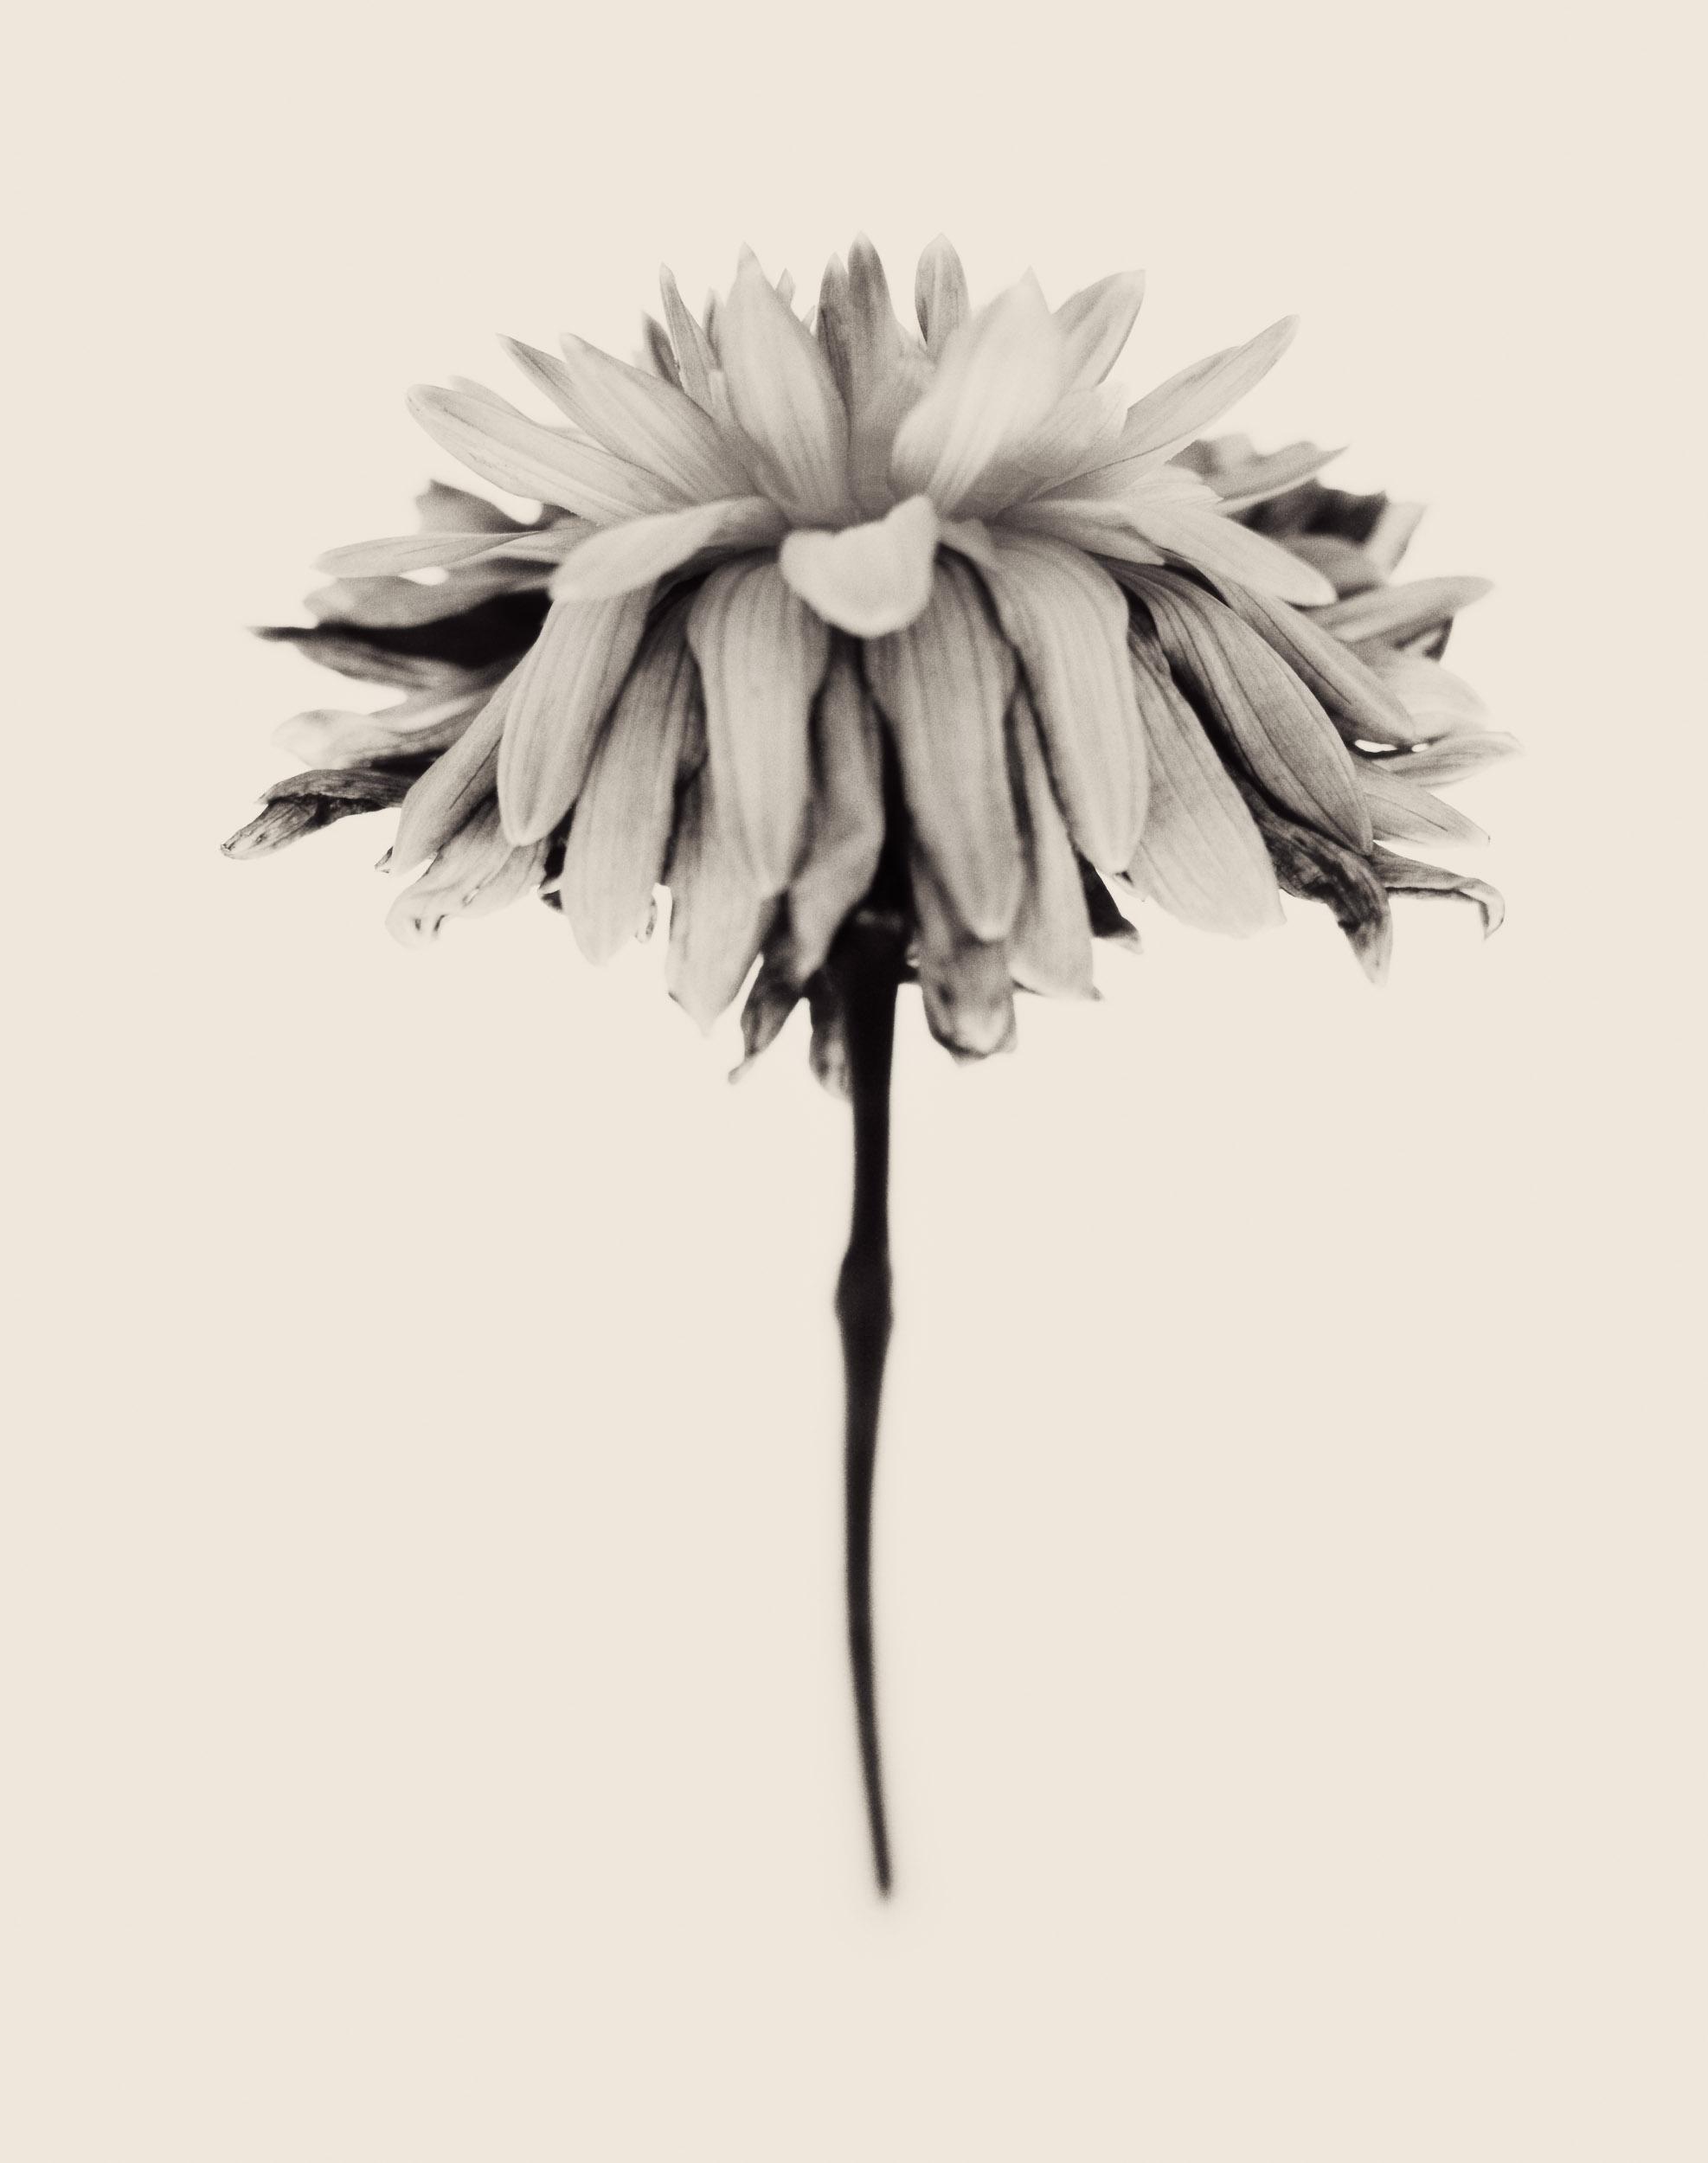 DYING FLOWER 1 polaroid.jpg